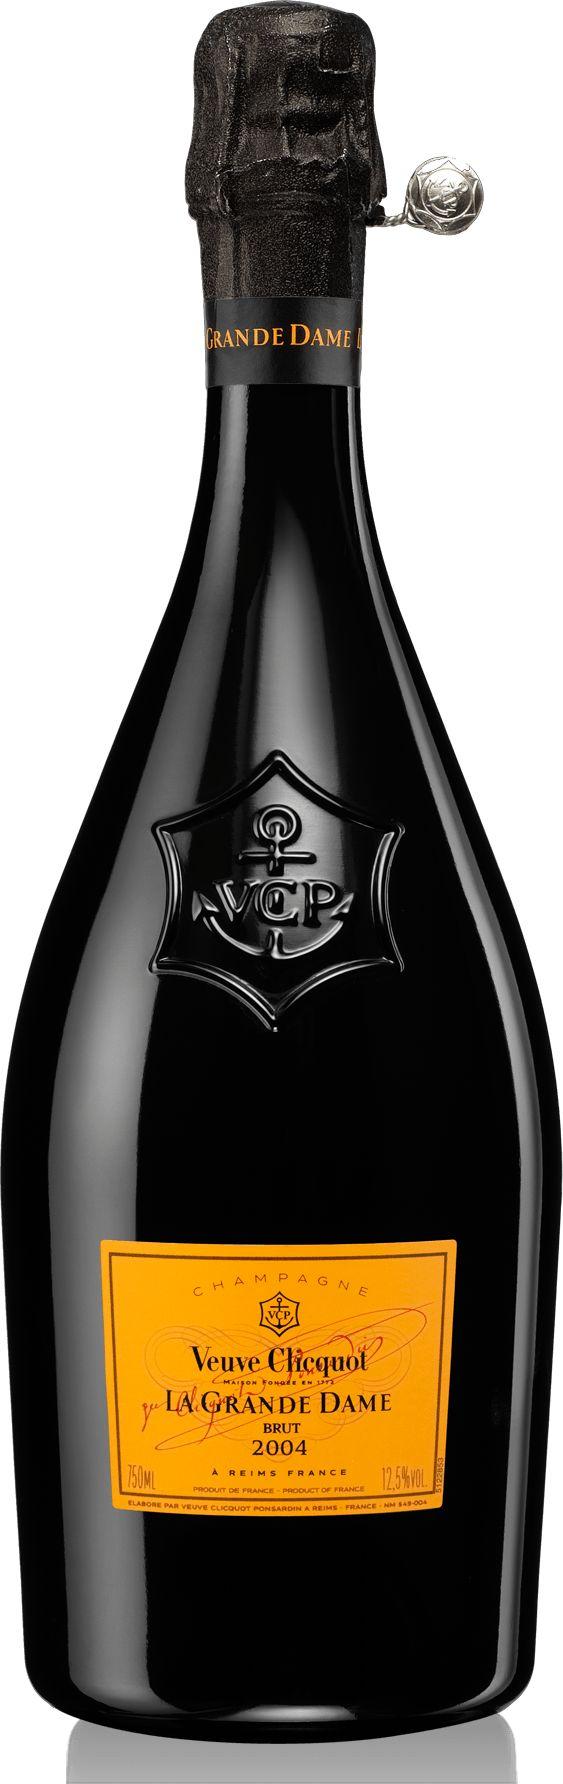 Veuve Clicquot: La Grande Dame 2004, brut Champagne - Veuve Clicquot | Veuve Clicquot